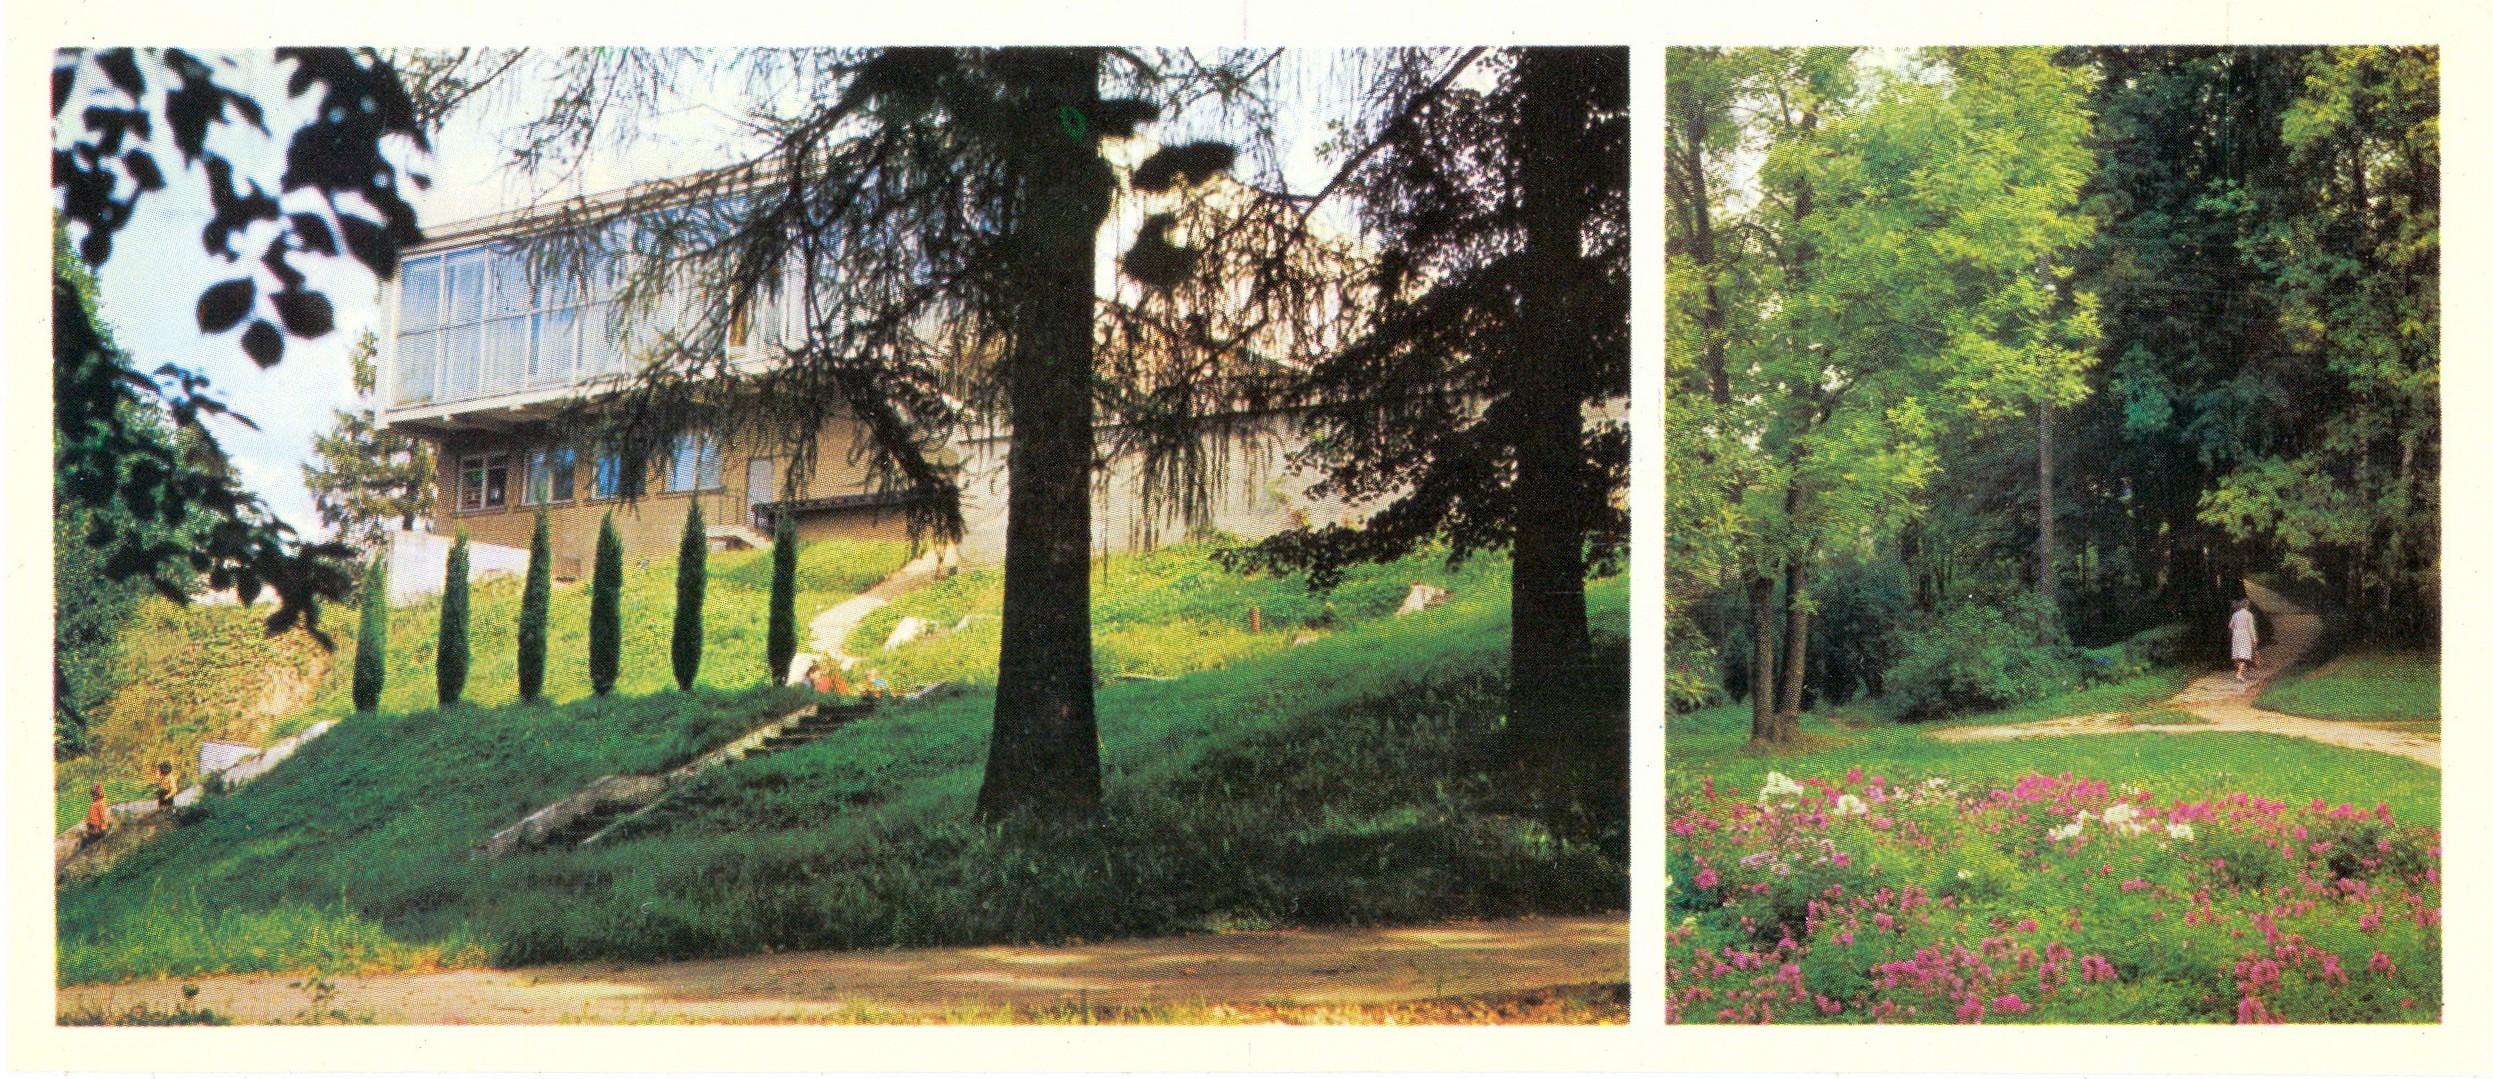 Латвия в 1979 году - СКАНИРУЕМ ПРОШЛОЕ ДЛЯ БУДУЩЕГО Юрмала Зимой